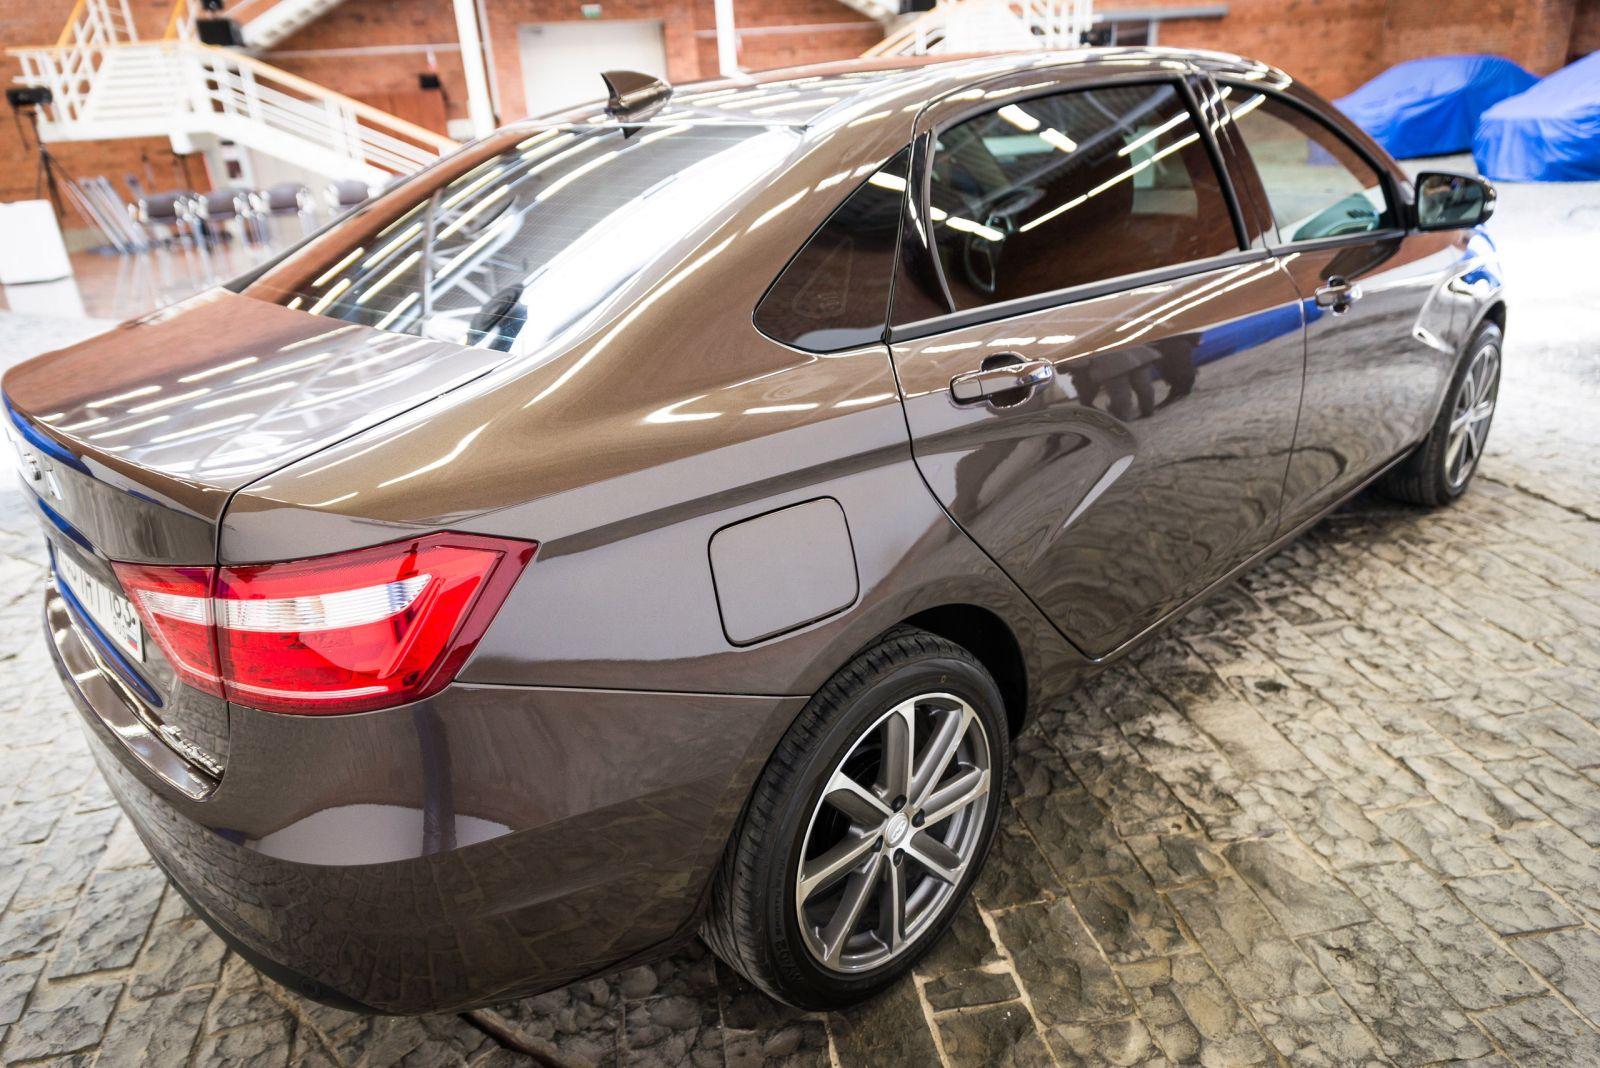 Không chỉ là phiên bản kéo dài của xe giá rẻ Lada Vesta, Signature còn được bổ sung hàng loạt trang thiết bị hiện đại và sang trọng hơn. Nhóm khách hàng nhắm đến của Lada Vesta Signature chính là những doanh nhân người Nga muốn mua xe limousine giá mềm. Ngoài ra, Lada Vesta Signature còn là lựa chọn phù hợp với những người muốn mua xe rộng rãi và có nhiều tính năng tiện nghi.